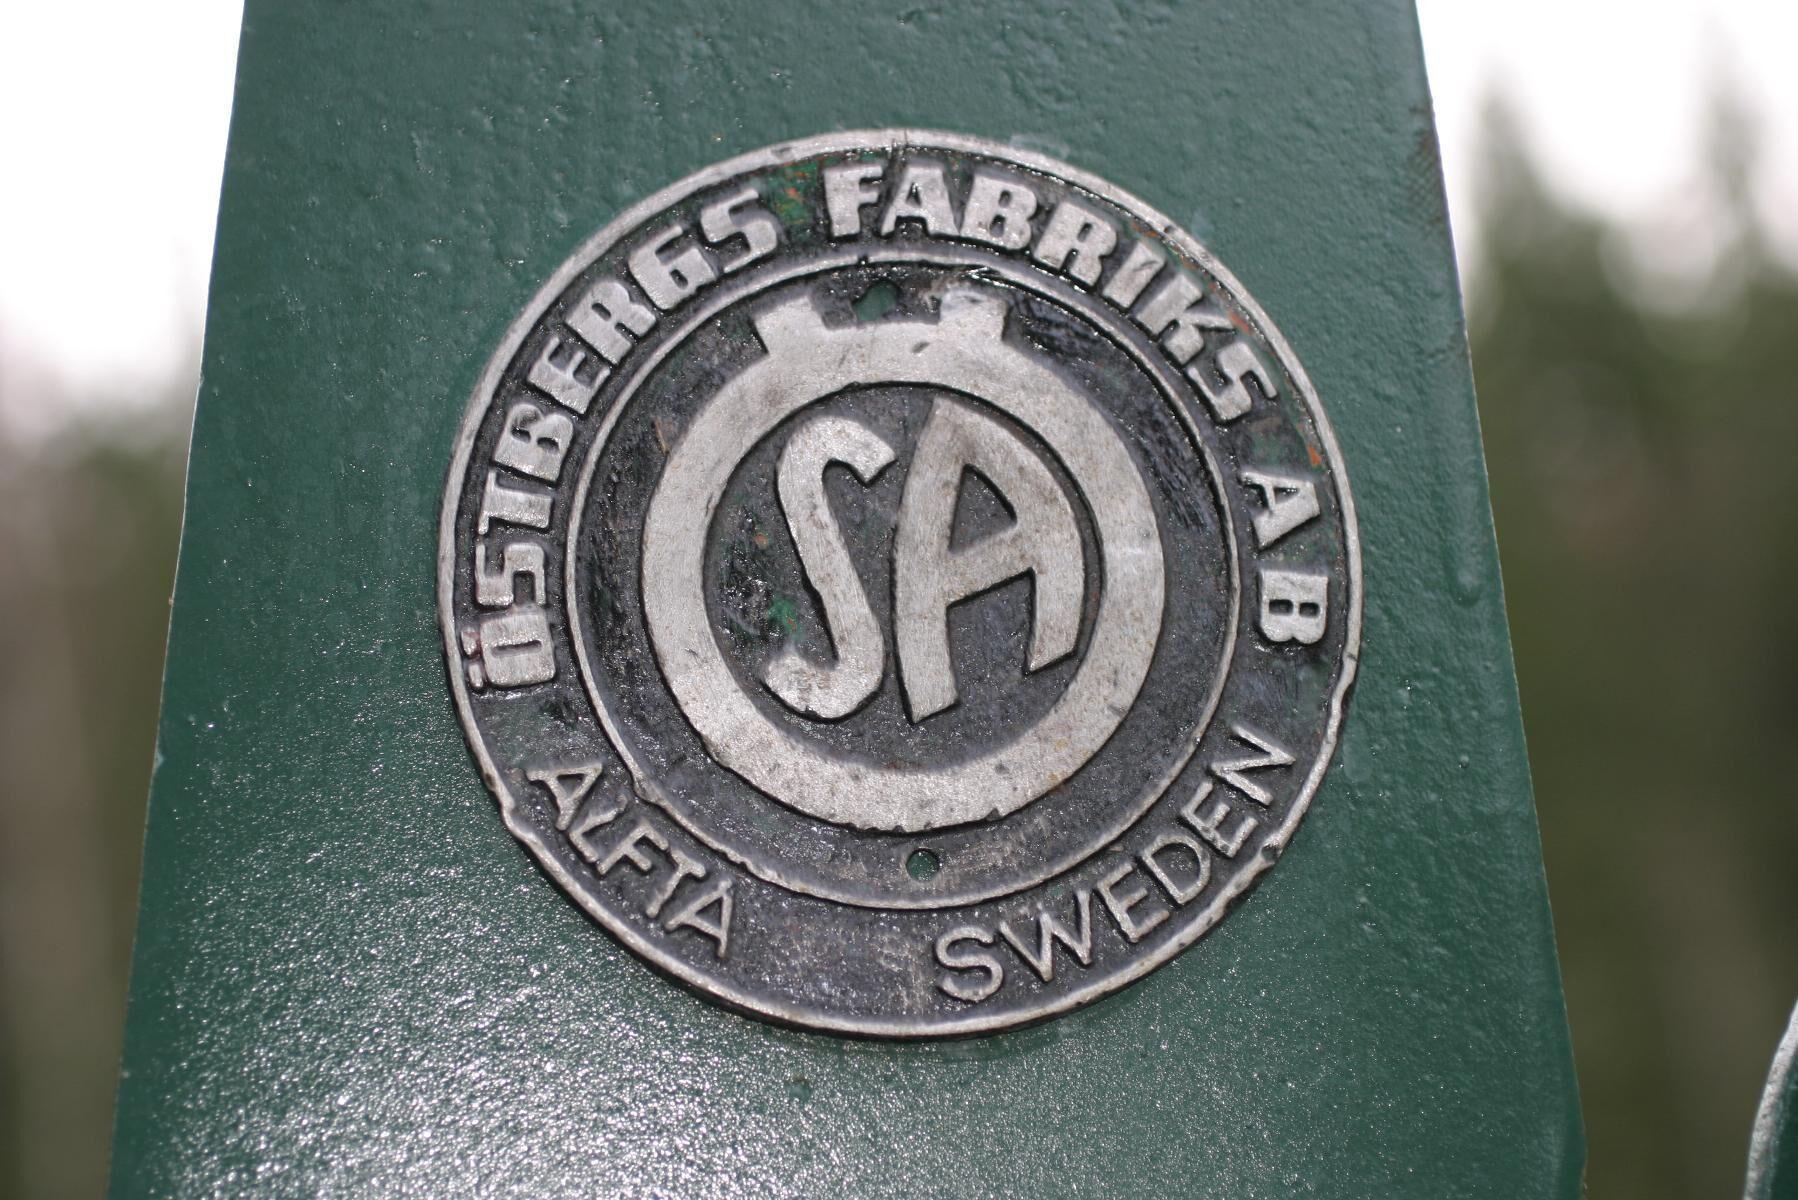 Bamse byggs av ÖSA, Östbergs Fabriks AB, i Alfta och totalt byggs 732 exemplar mellan 1957 och 1964.